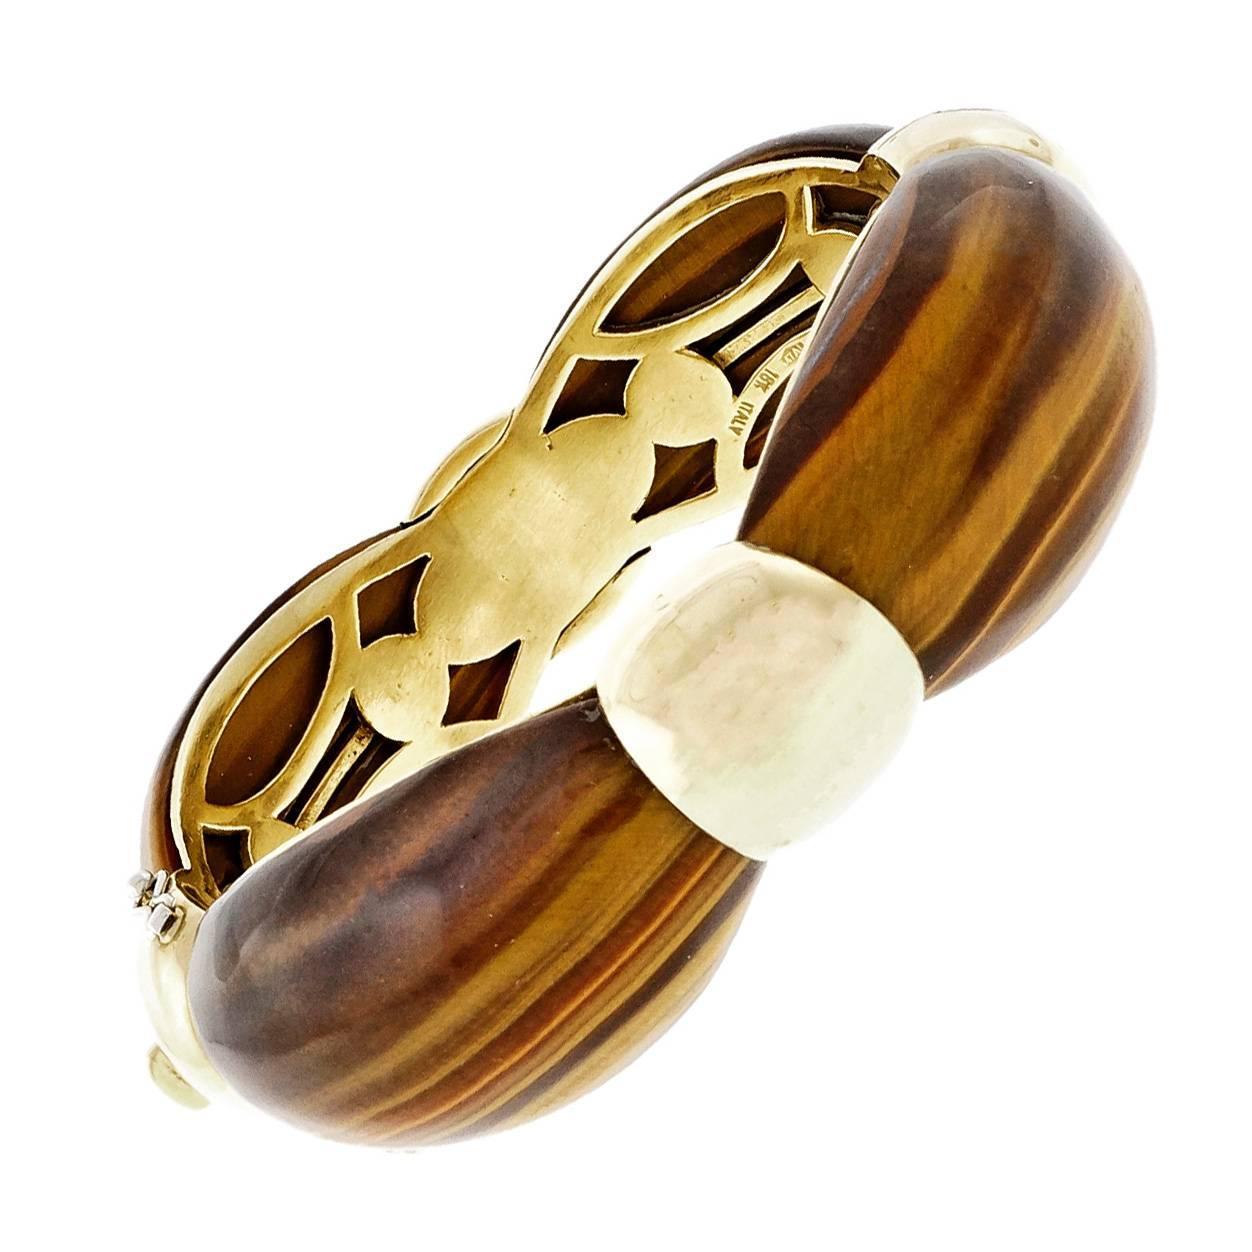 Van Cleef & Arpels Tiger Eye Gold Bangle Bracelet